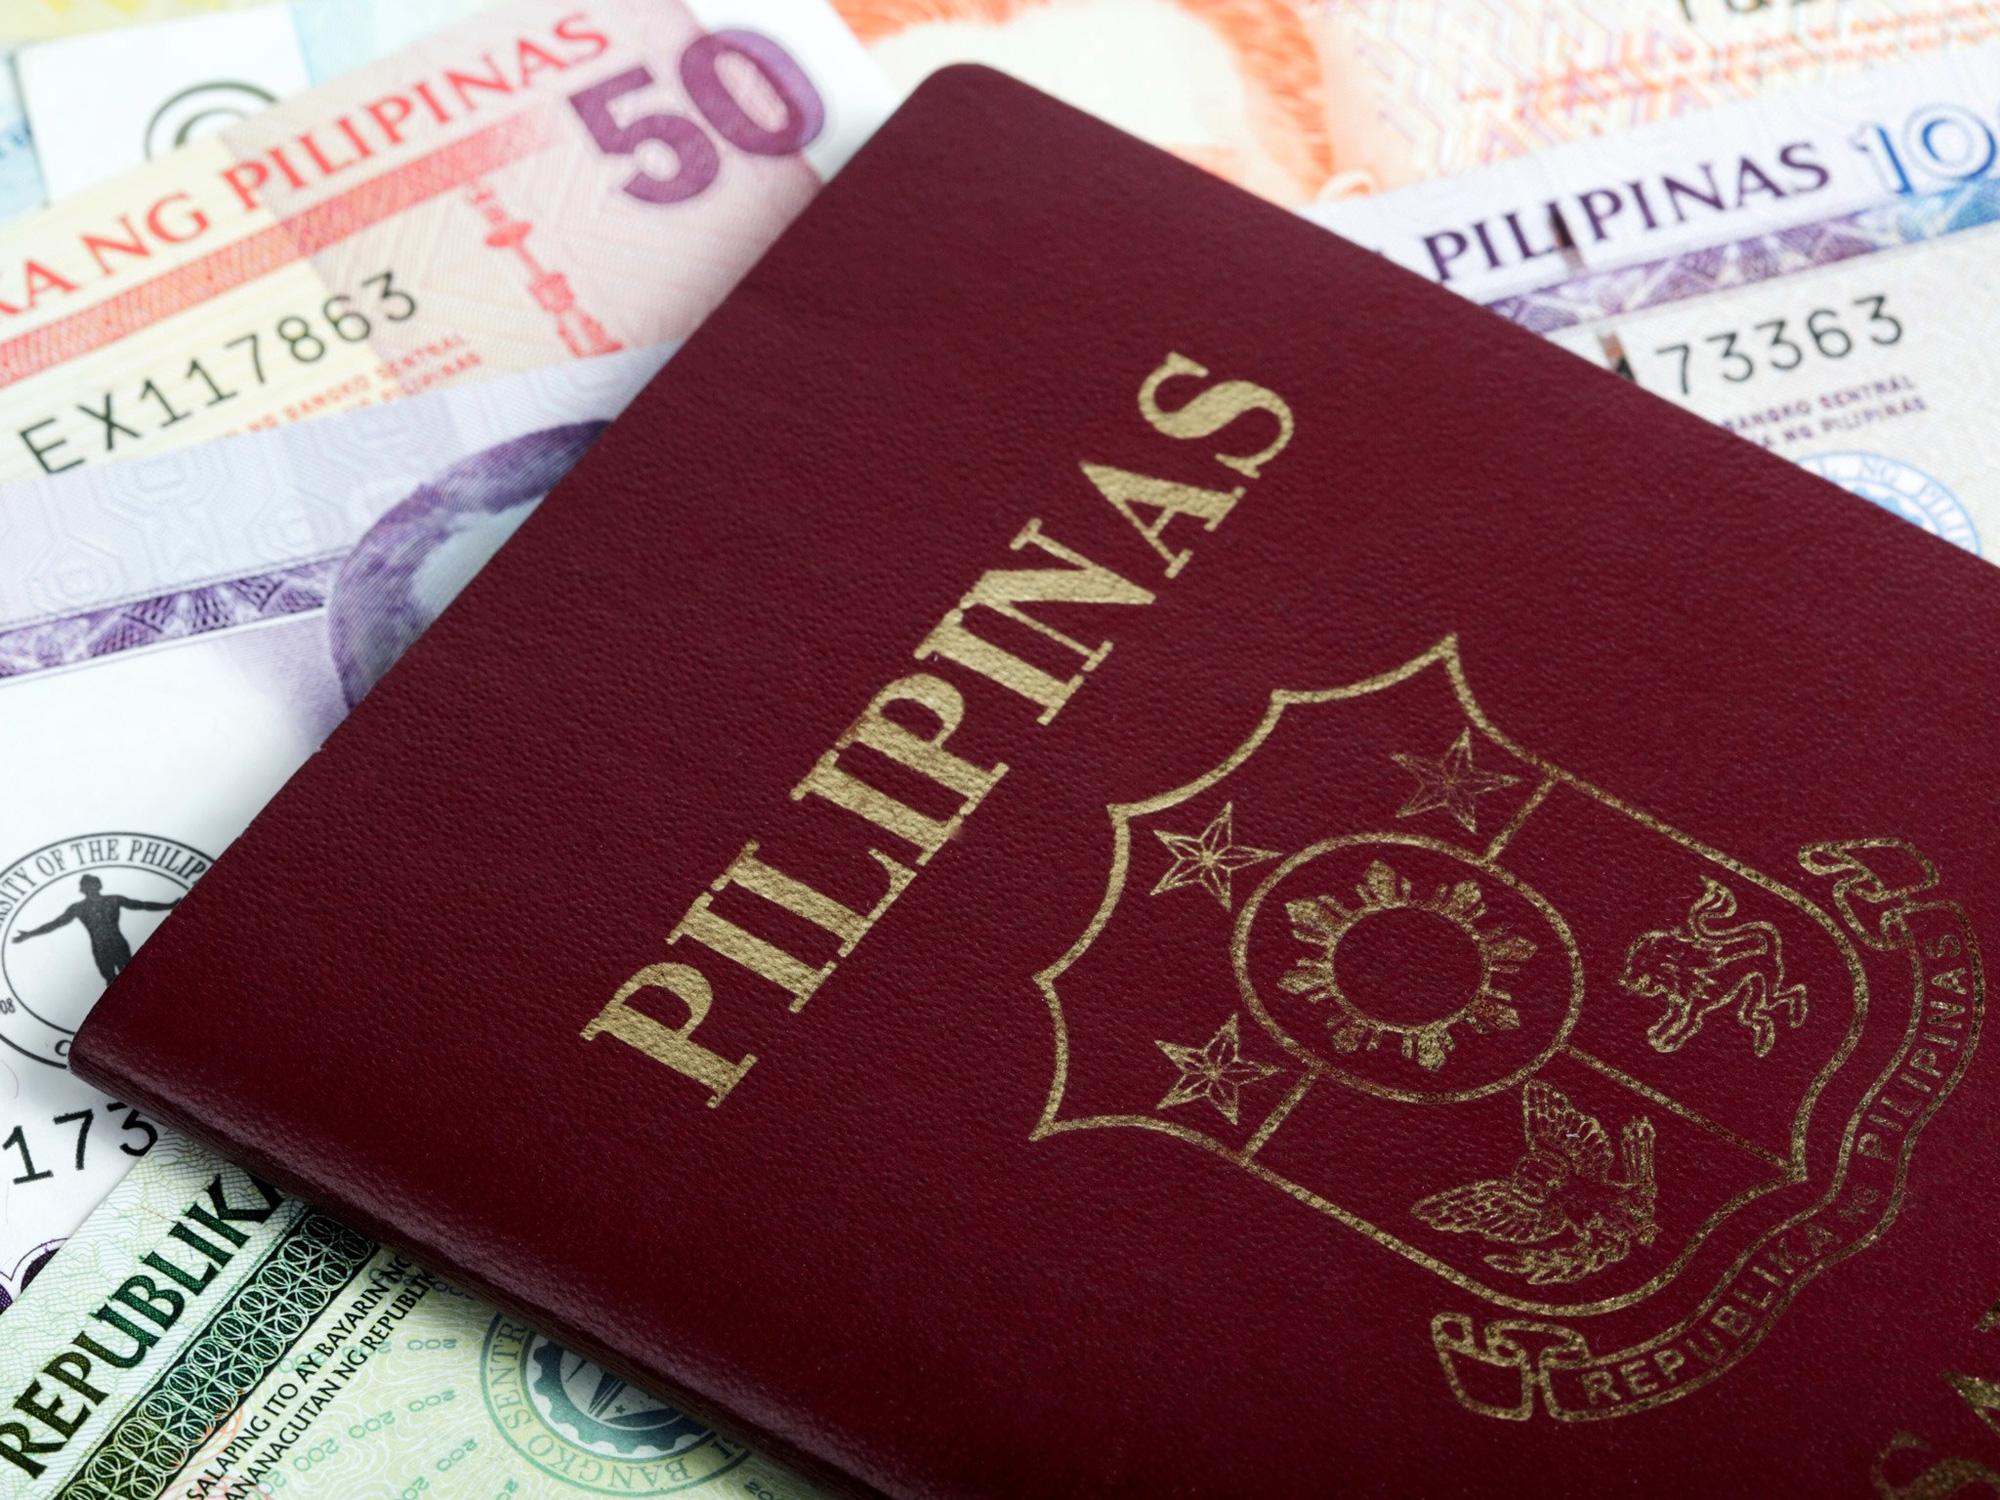 dia chi và gio lam viec dai su quan Philippines tai Viet Nam (2)